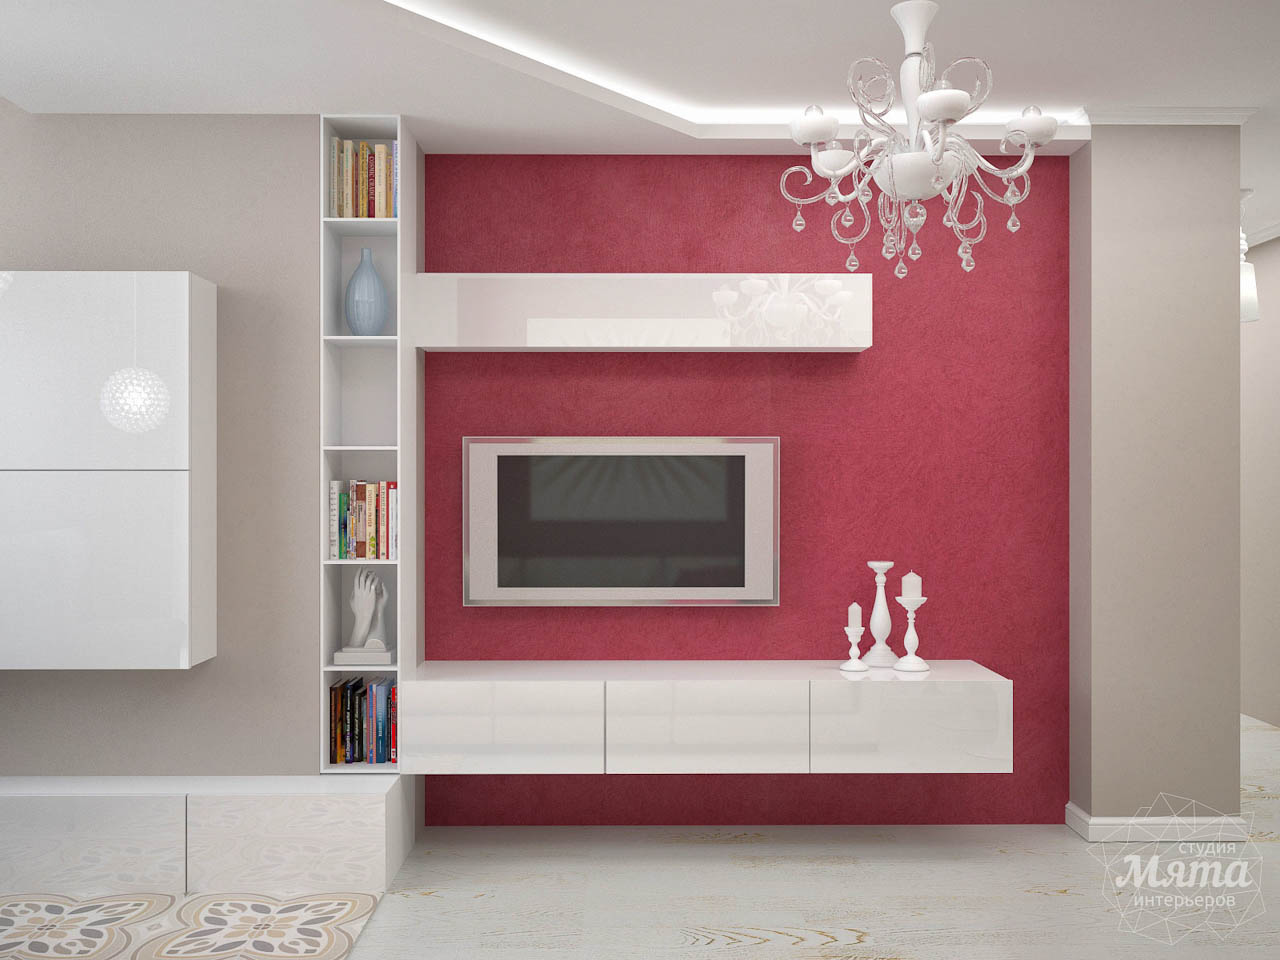 Дизайн интерьера и ремонт трехкомнатной квартиры по ул. Фучика 9 img1116141861